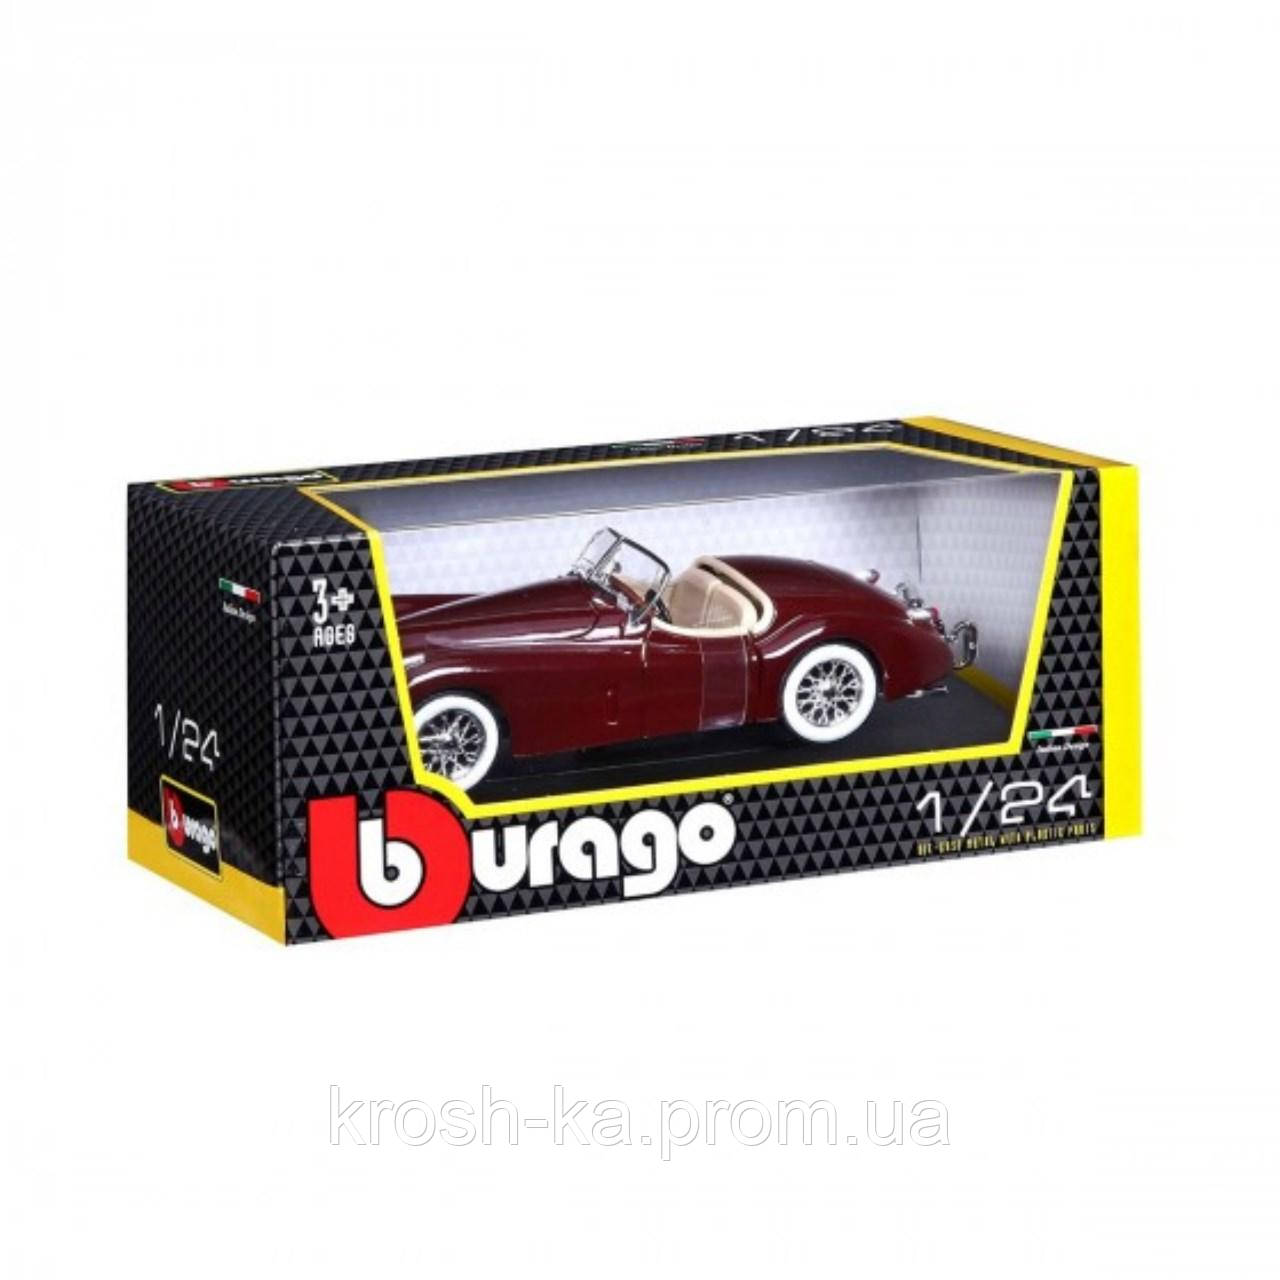 Машина детская Автомодель Jaguar XK 120 (1:24) Burago 18-22018